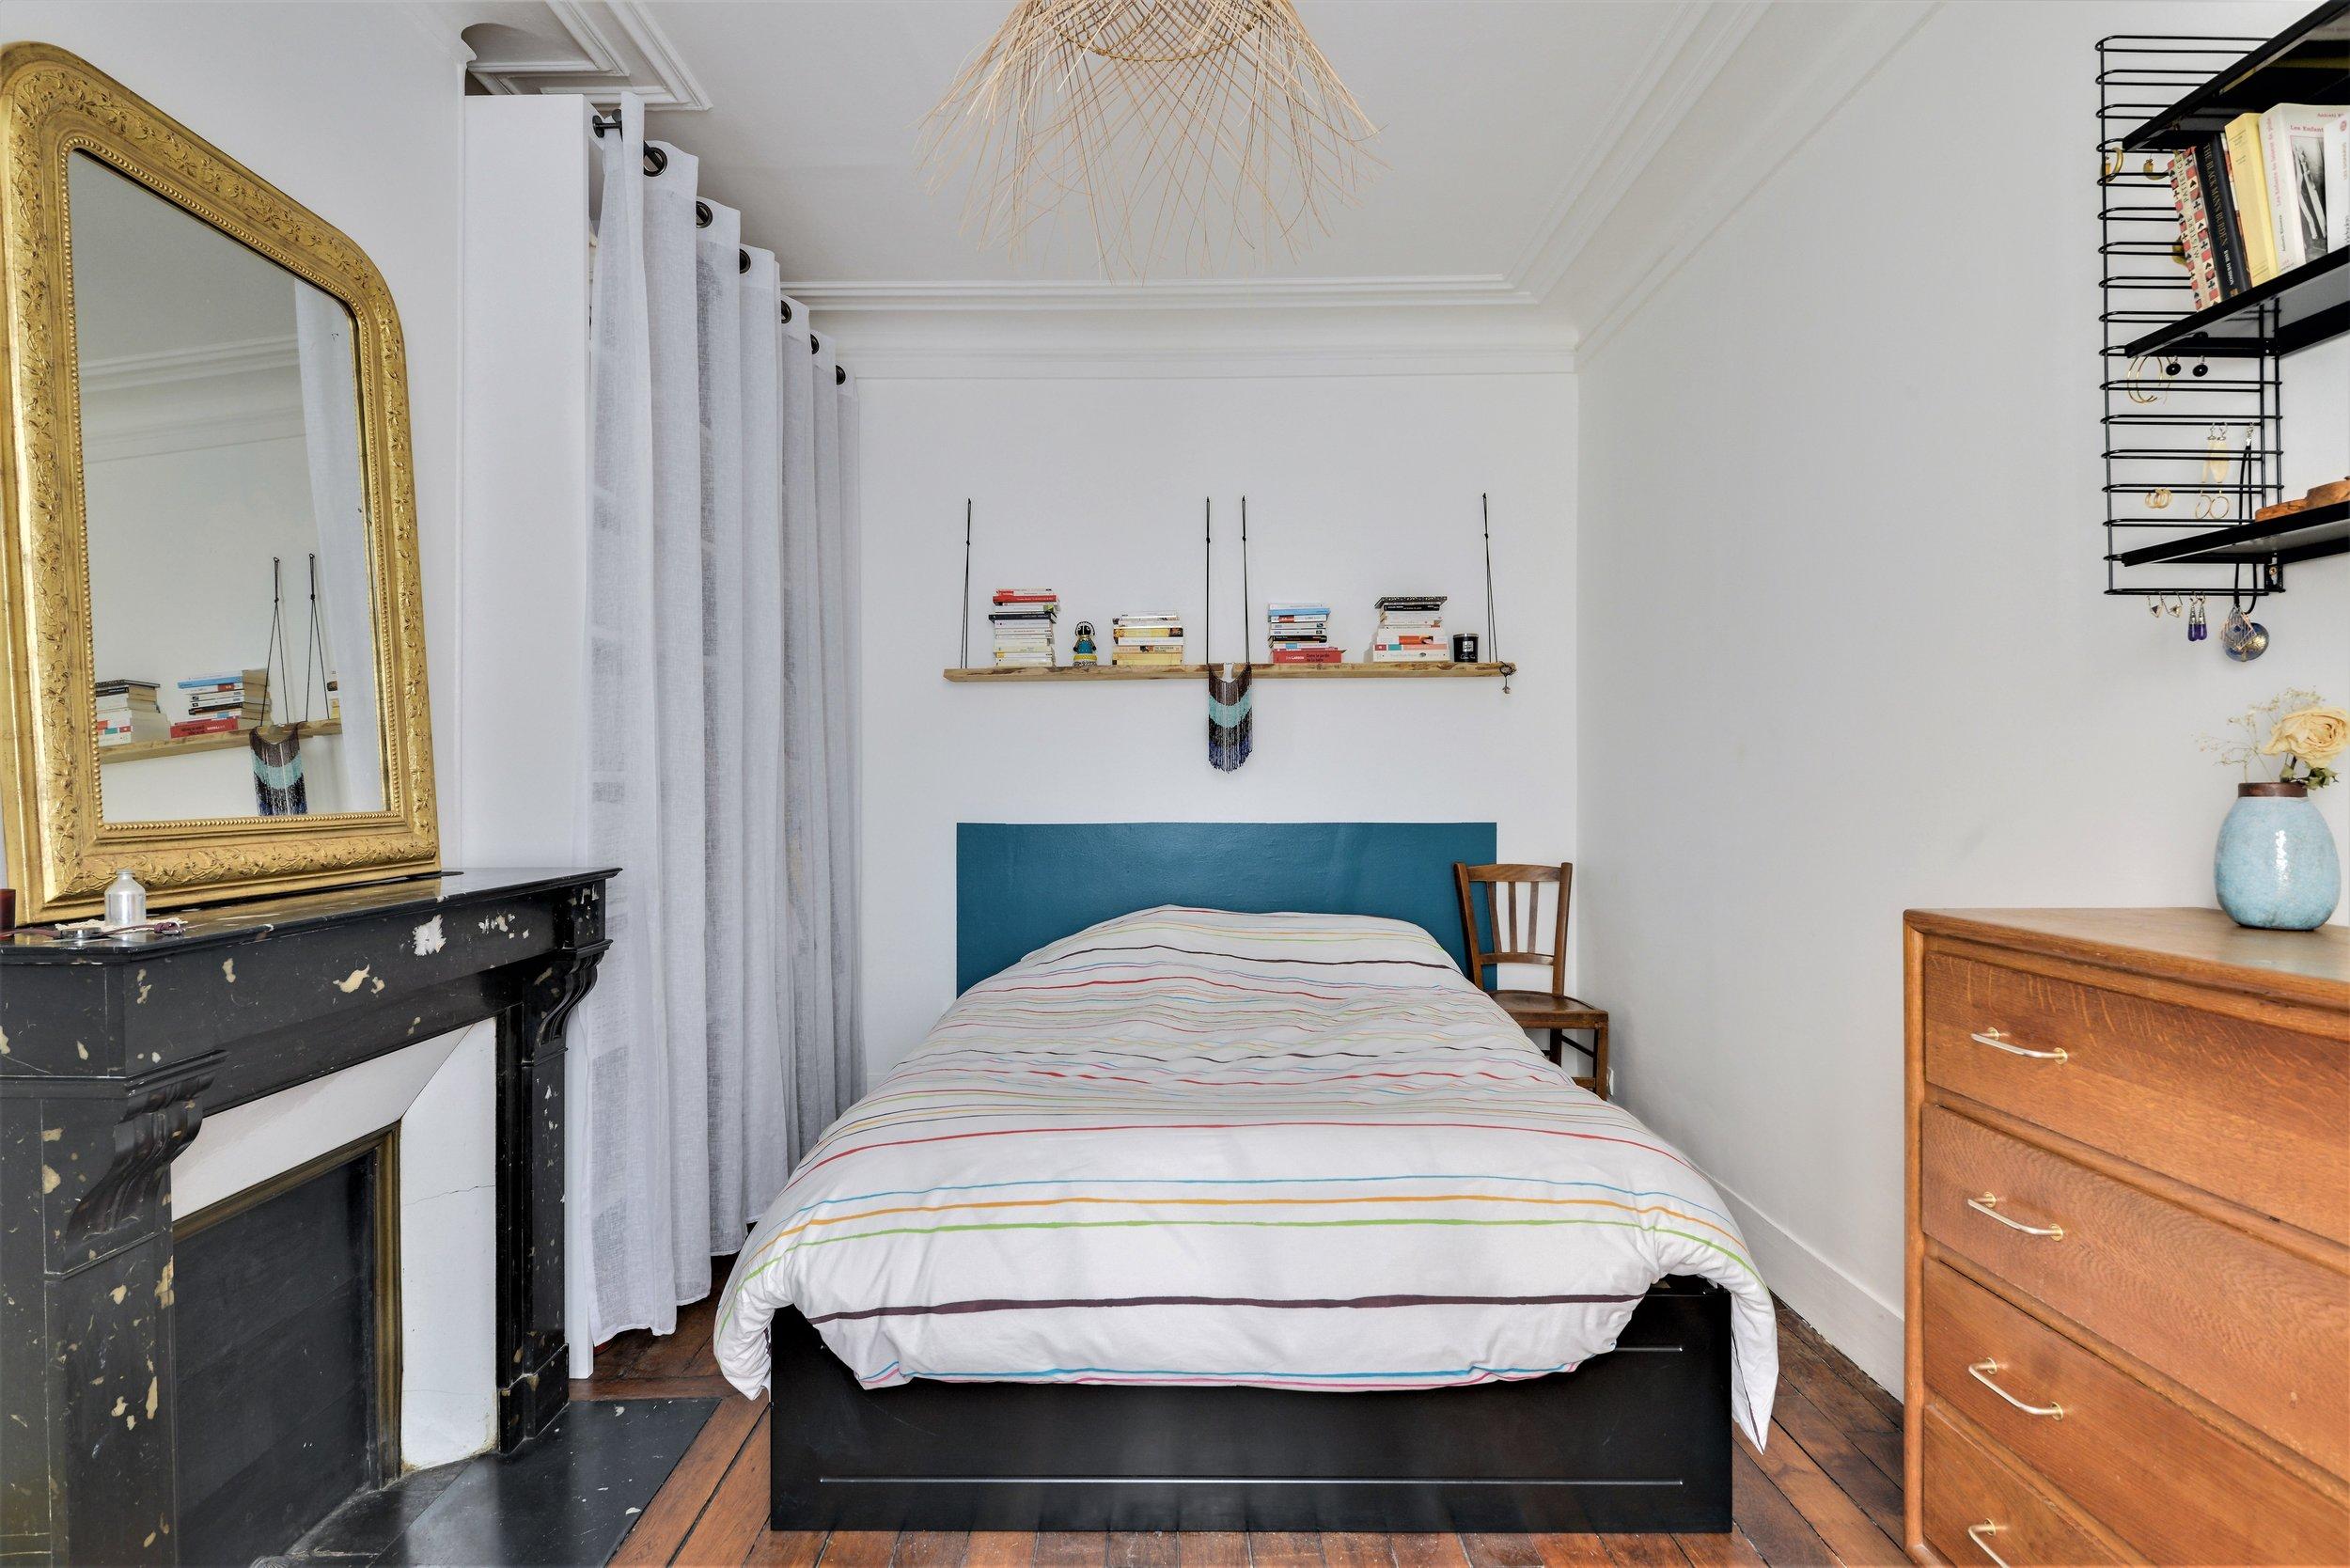 vintage bleu miroir ancien étagères tomado cheminée marbre parquet chambre chaise bistrot